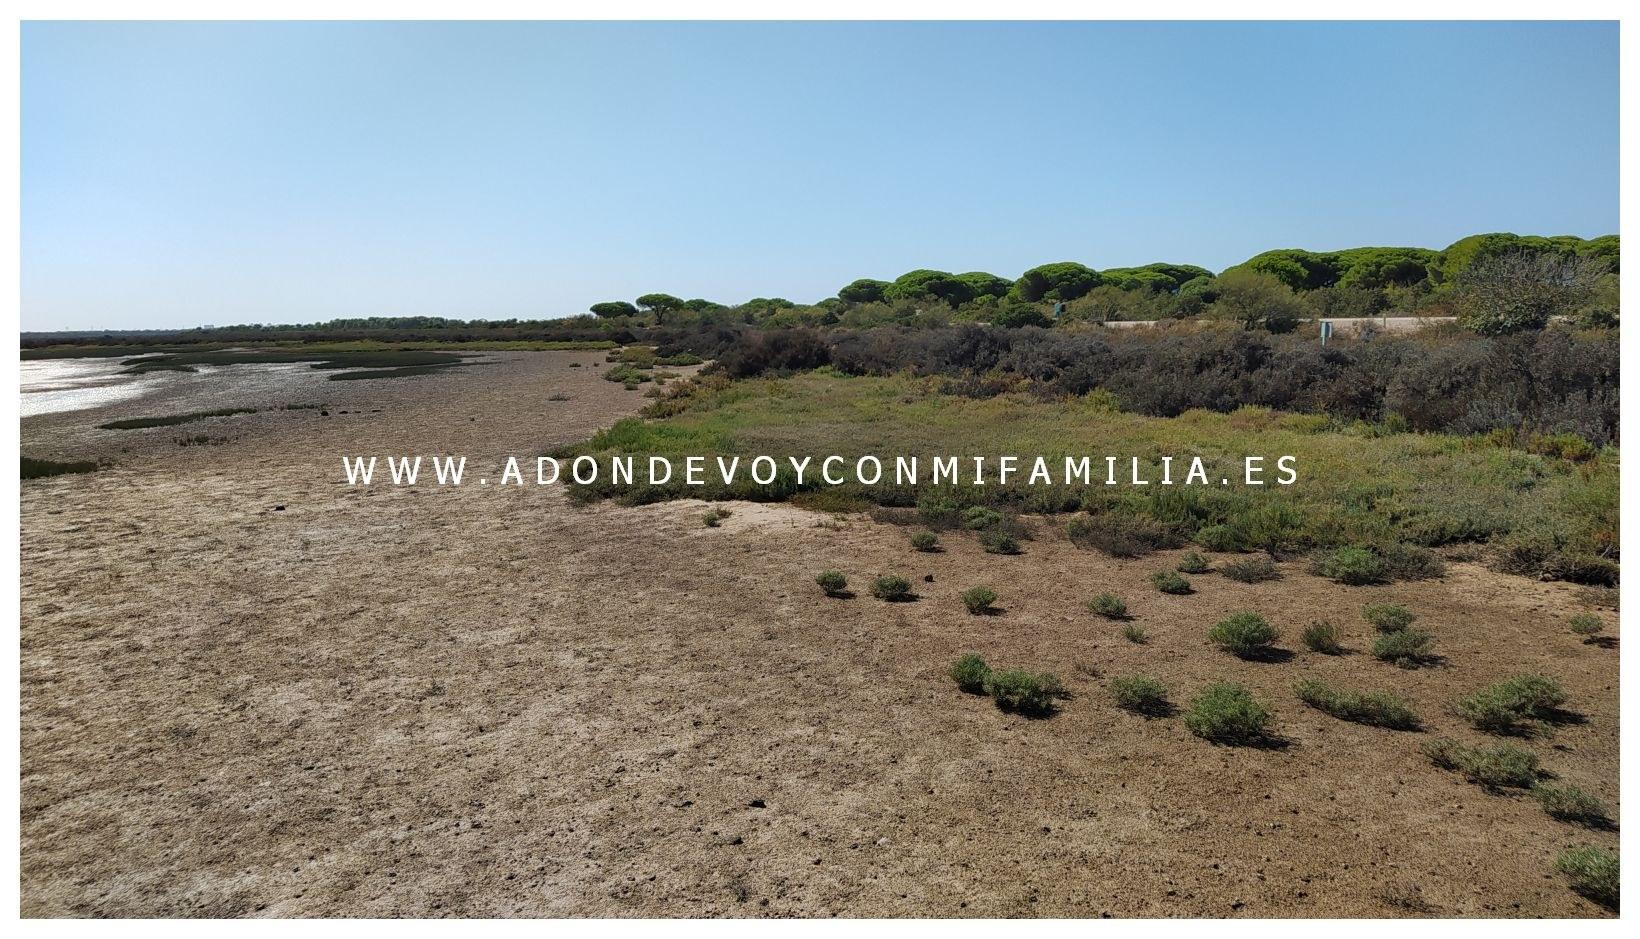 los-torunos-adondevoyconmifamilia-014